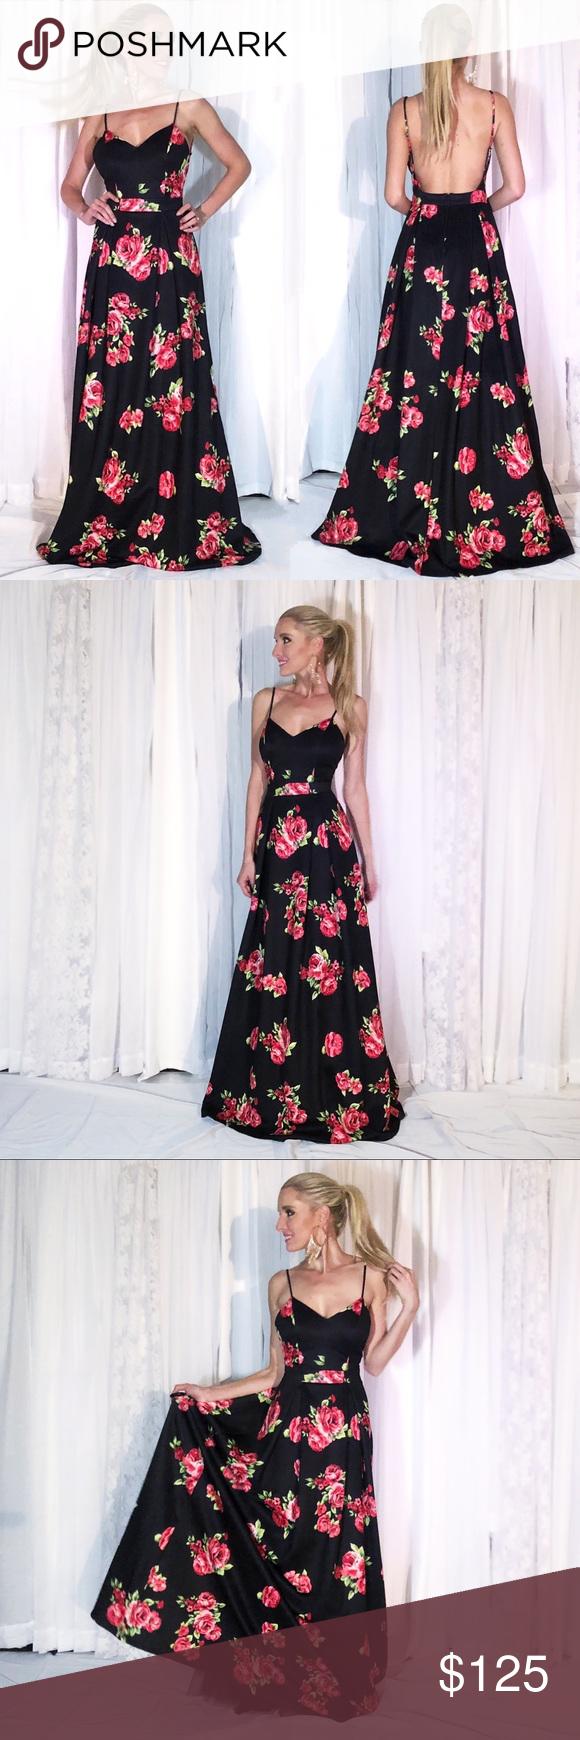 Black floral open back fit flare aline prom dress boutique ekkor